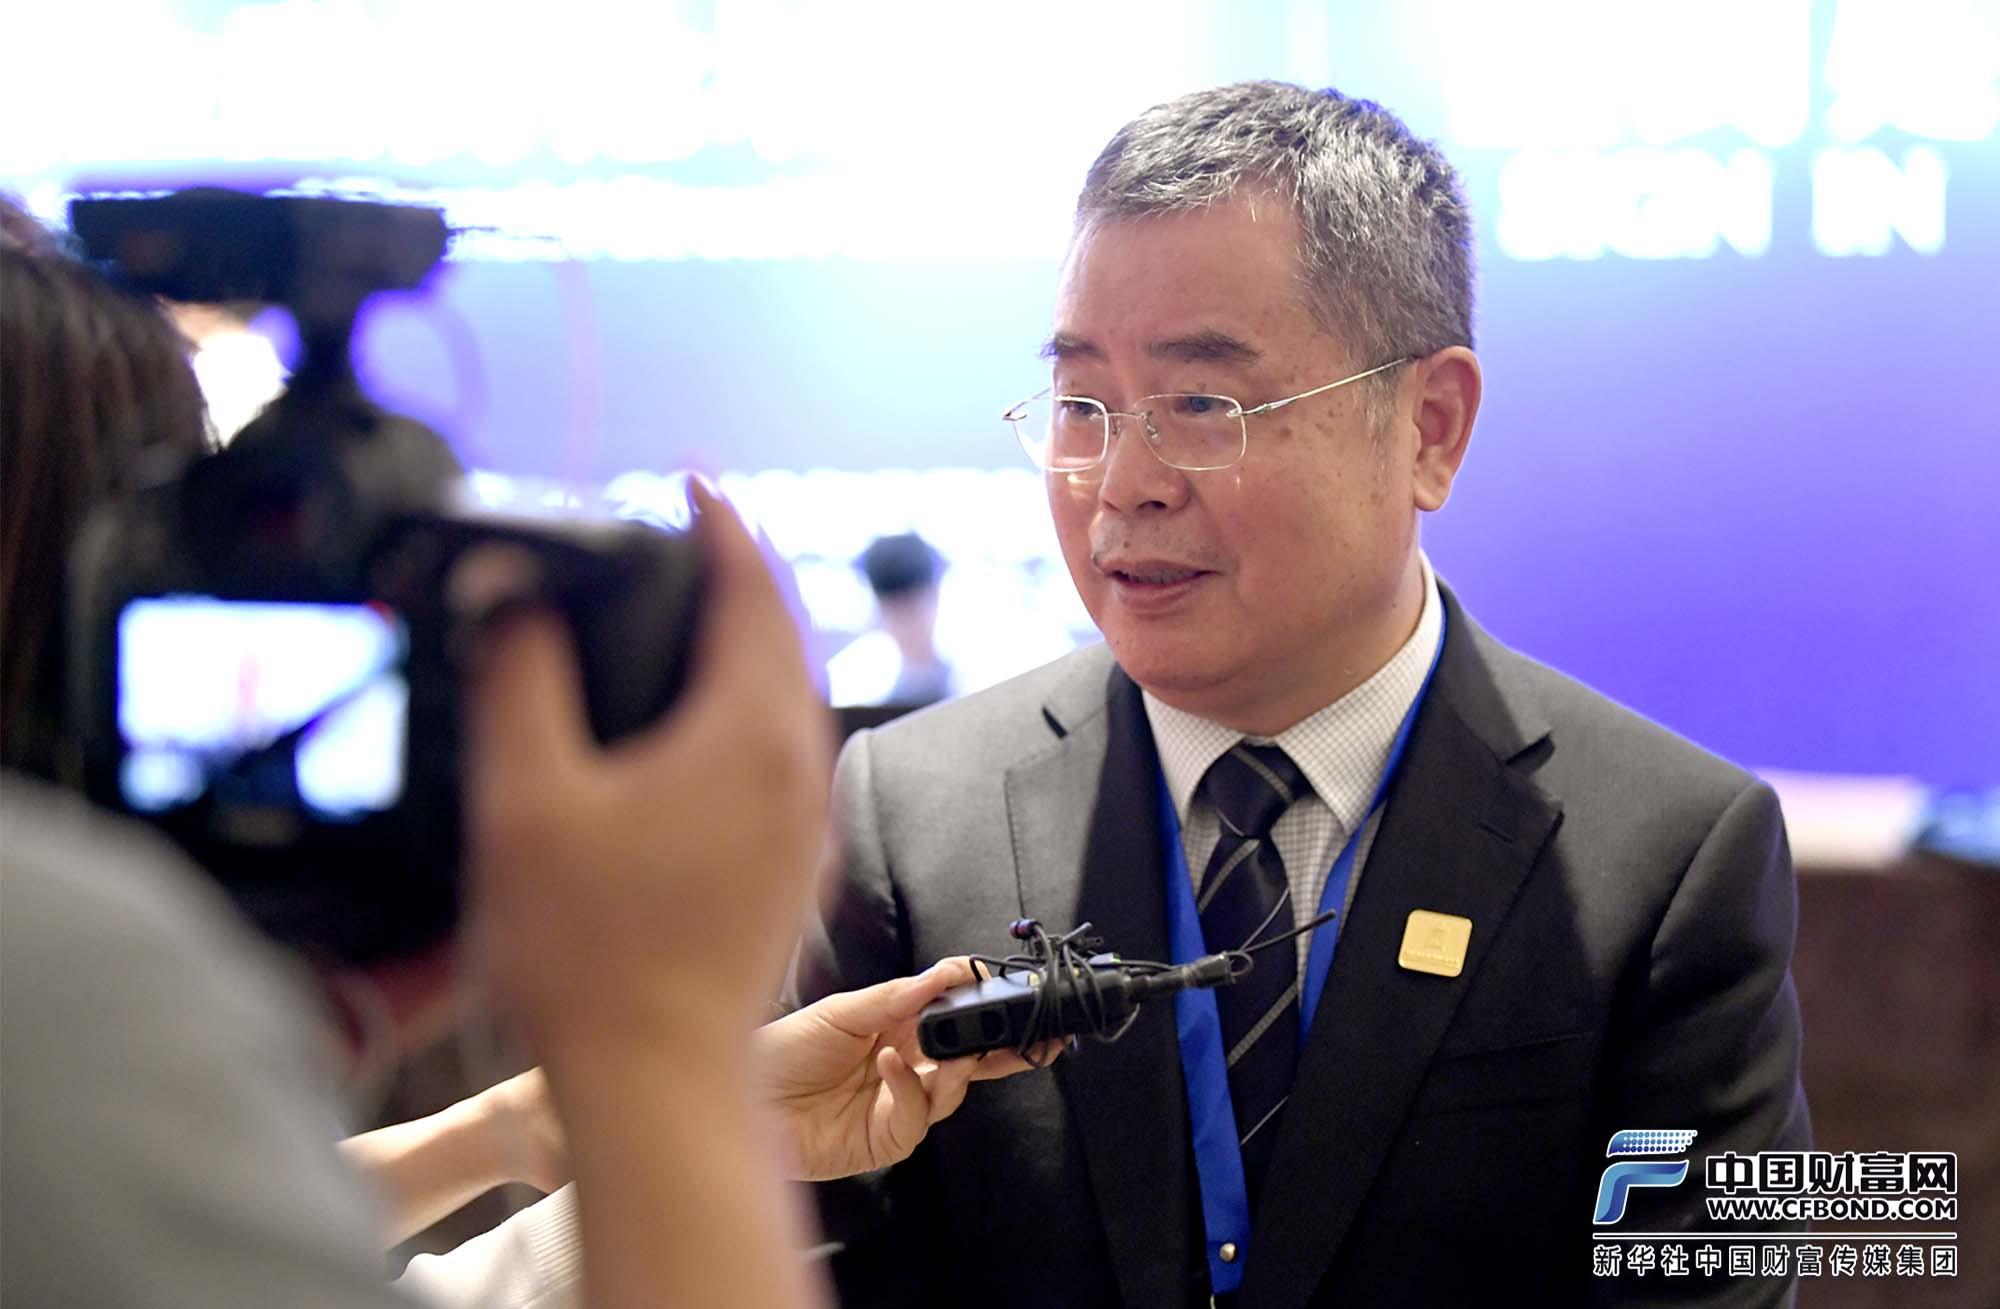 国家金融与发展实验室理事长李扬回答中国财富网记者提问